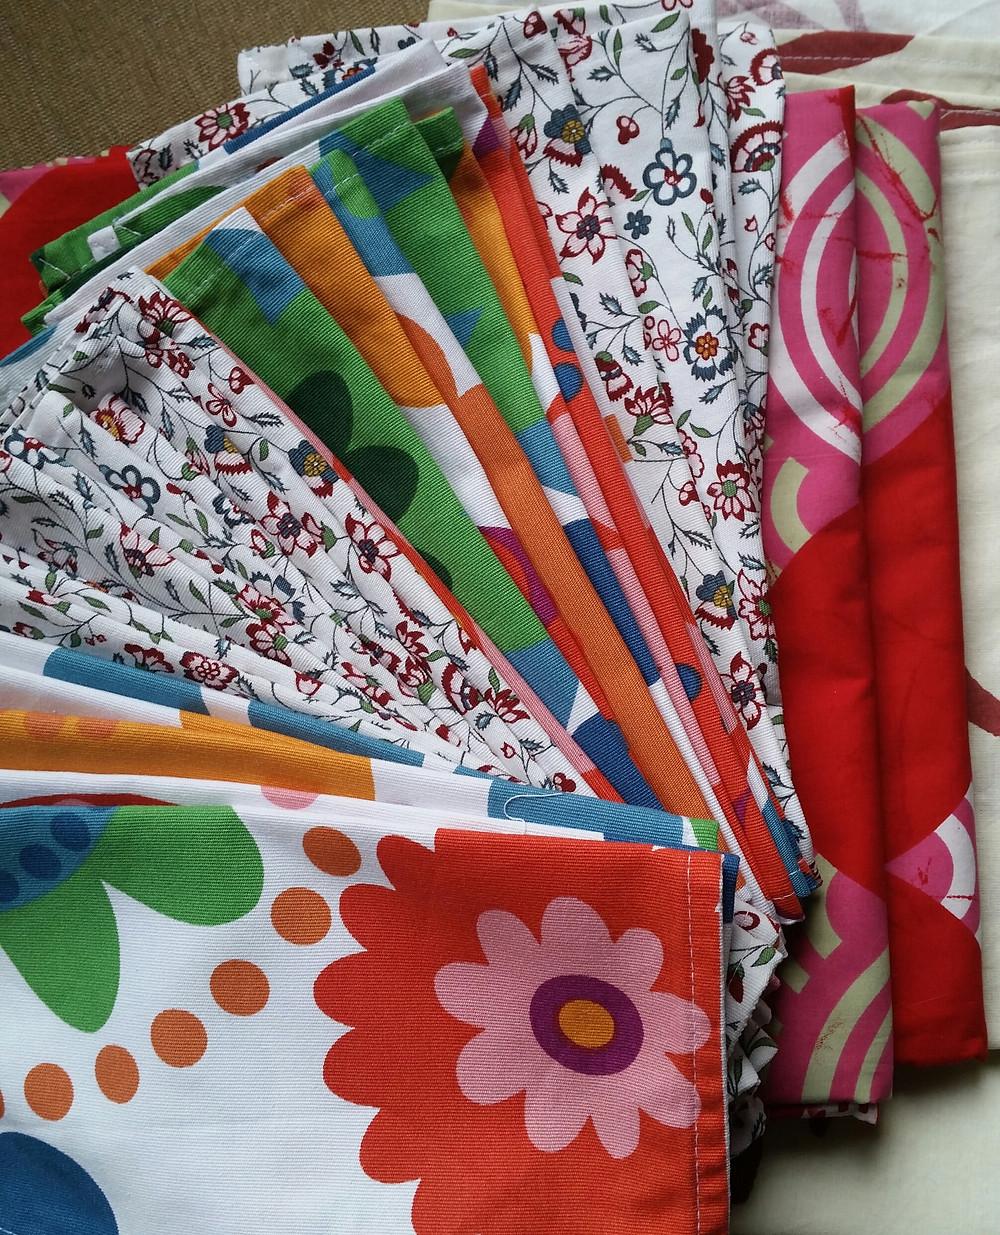 Fabric reusable napkins and table cloths